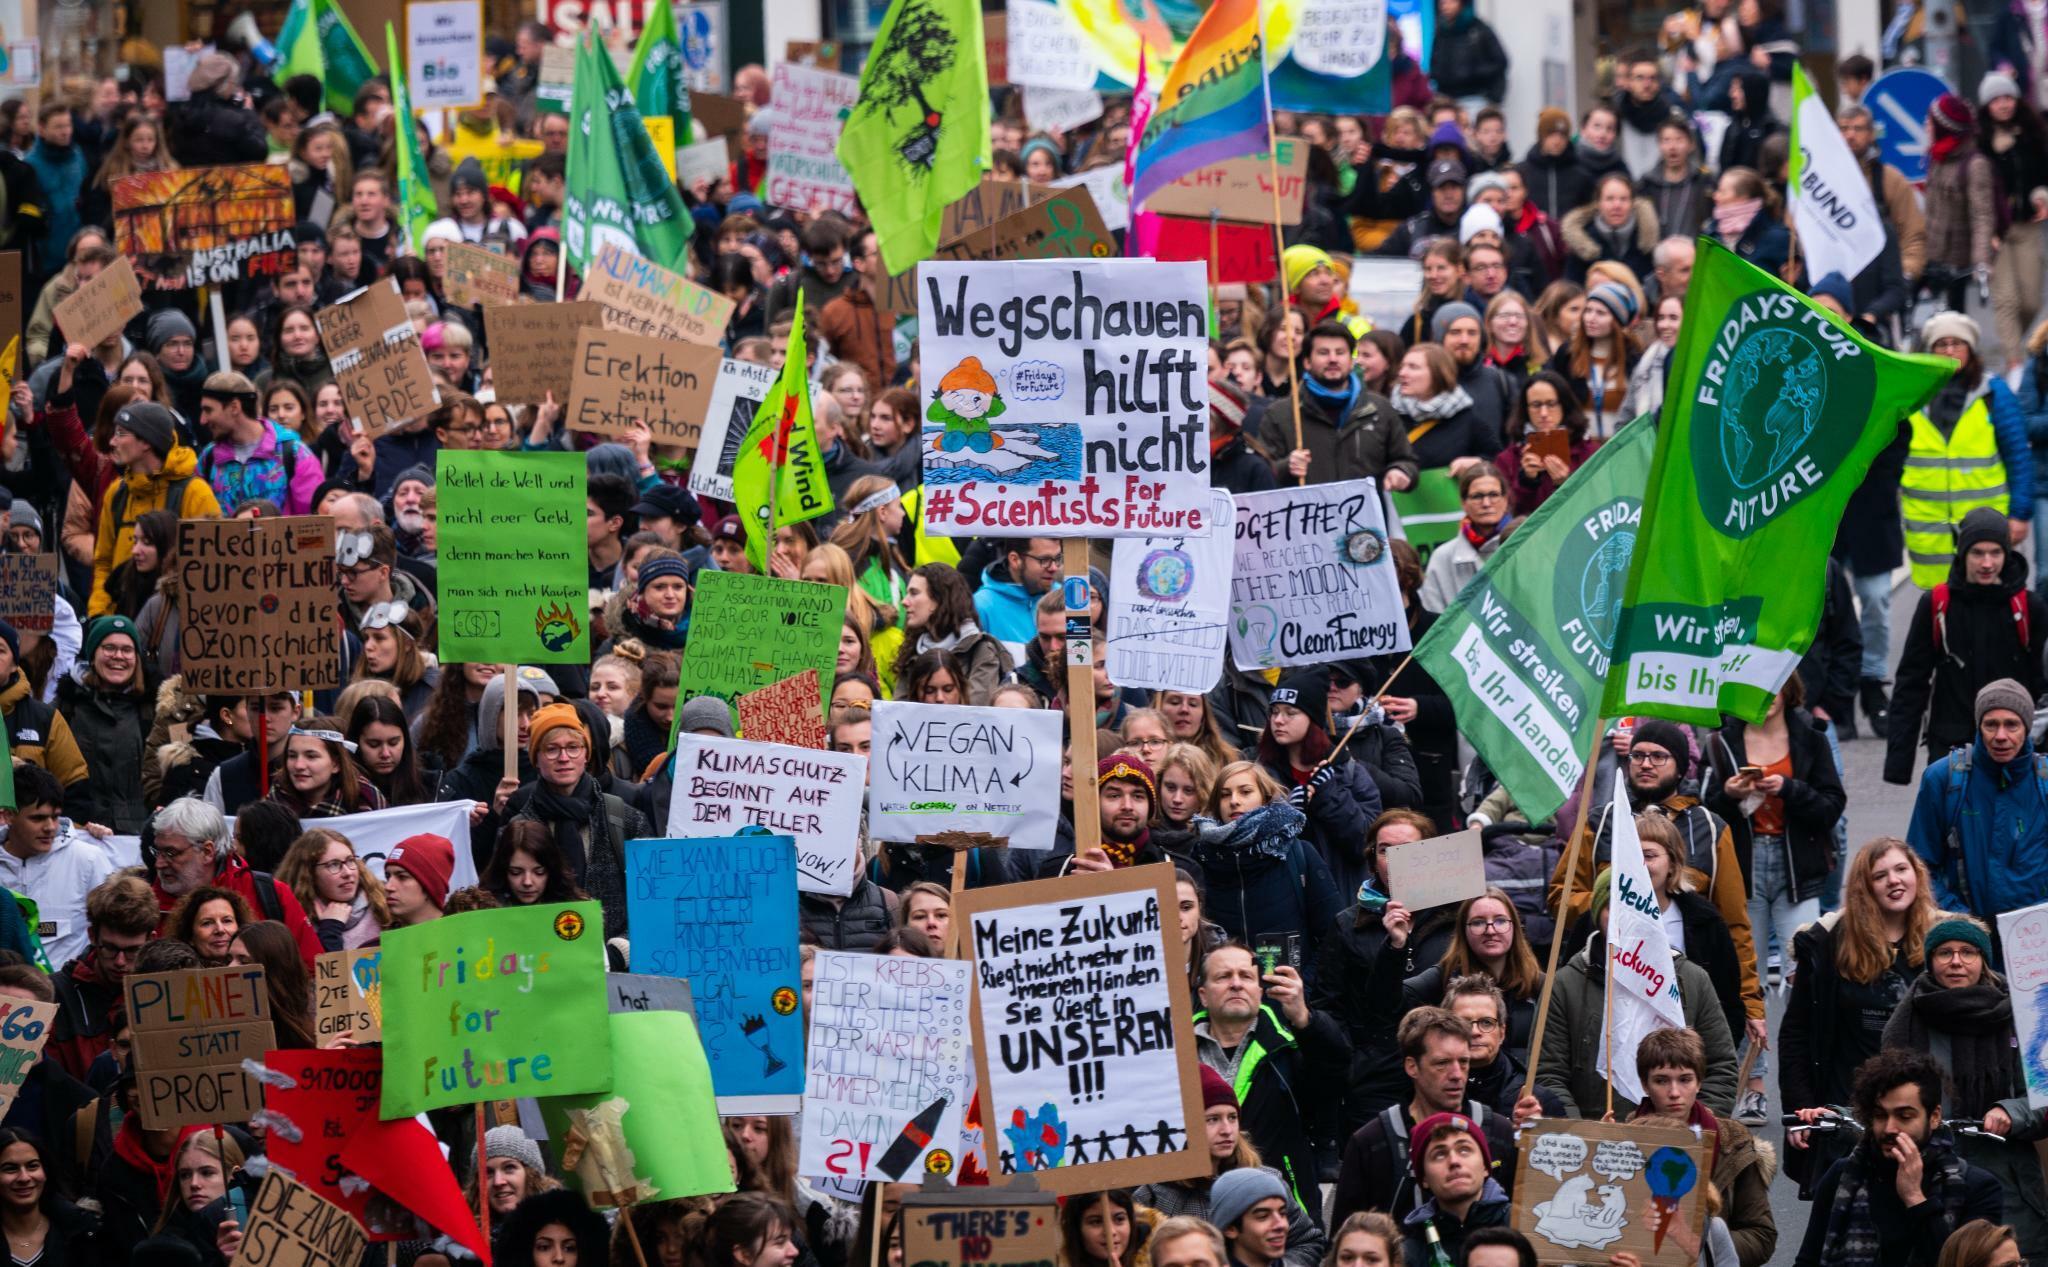 Junge Anleger: Bei der Rendite hört der Einsatz für das Klima auf